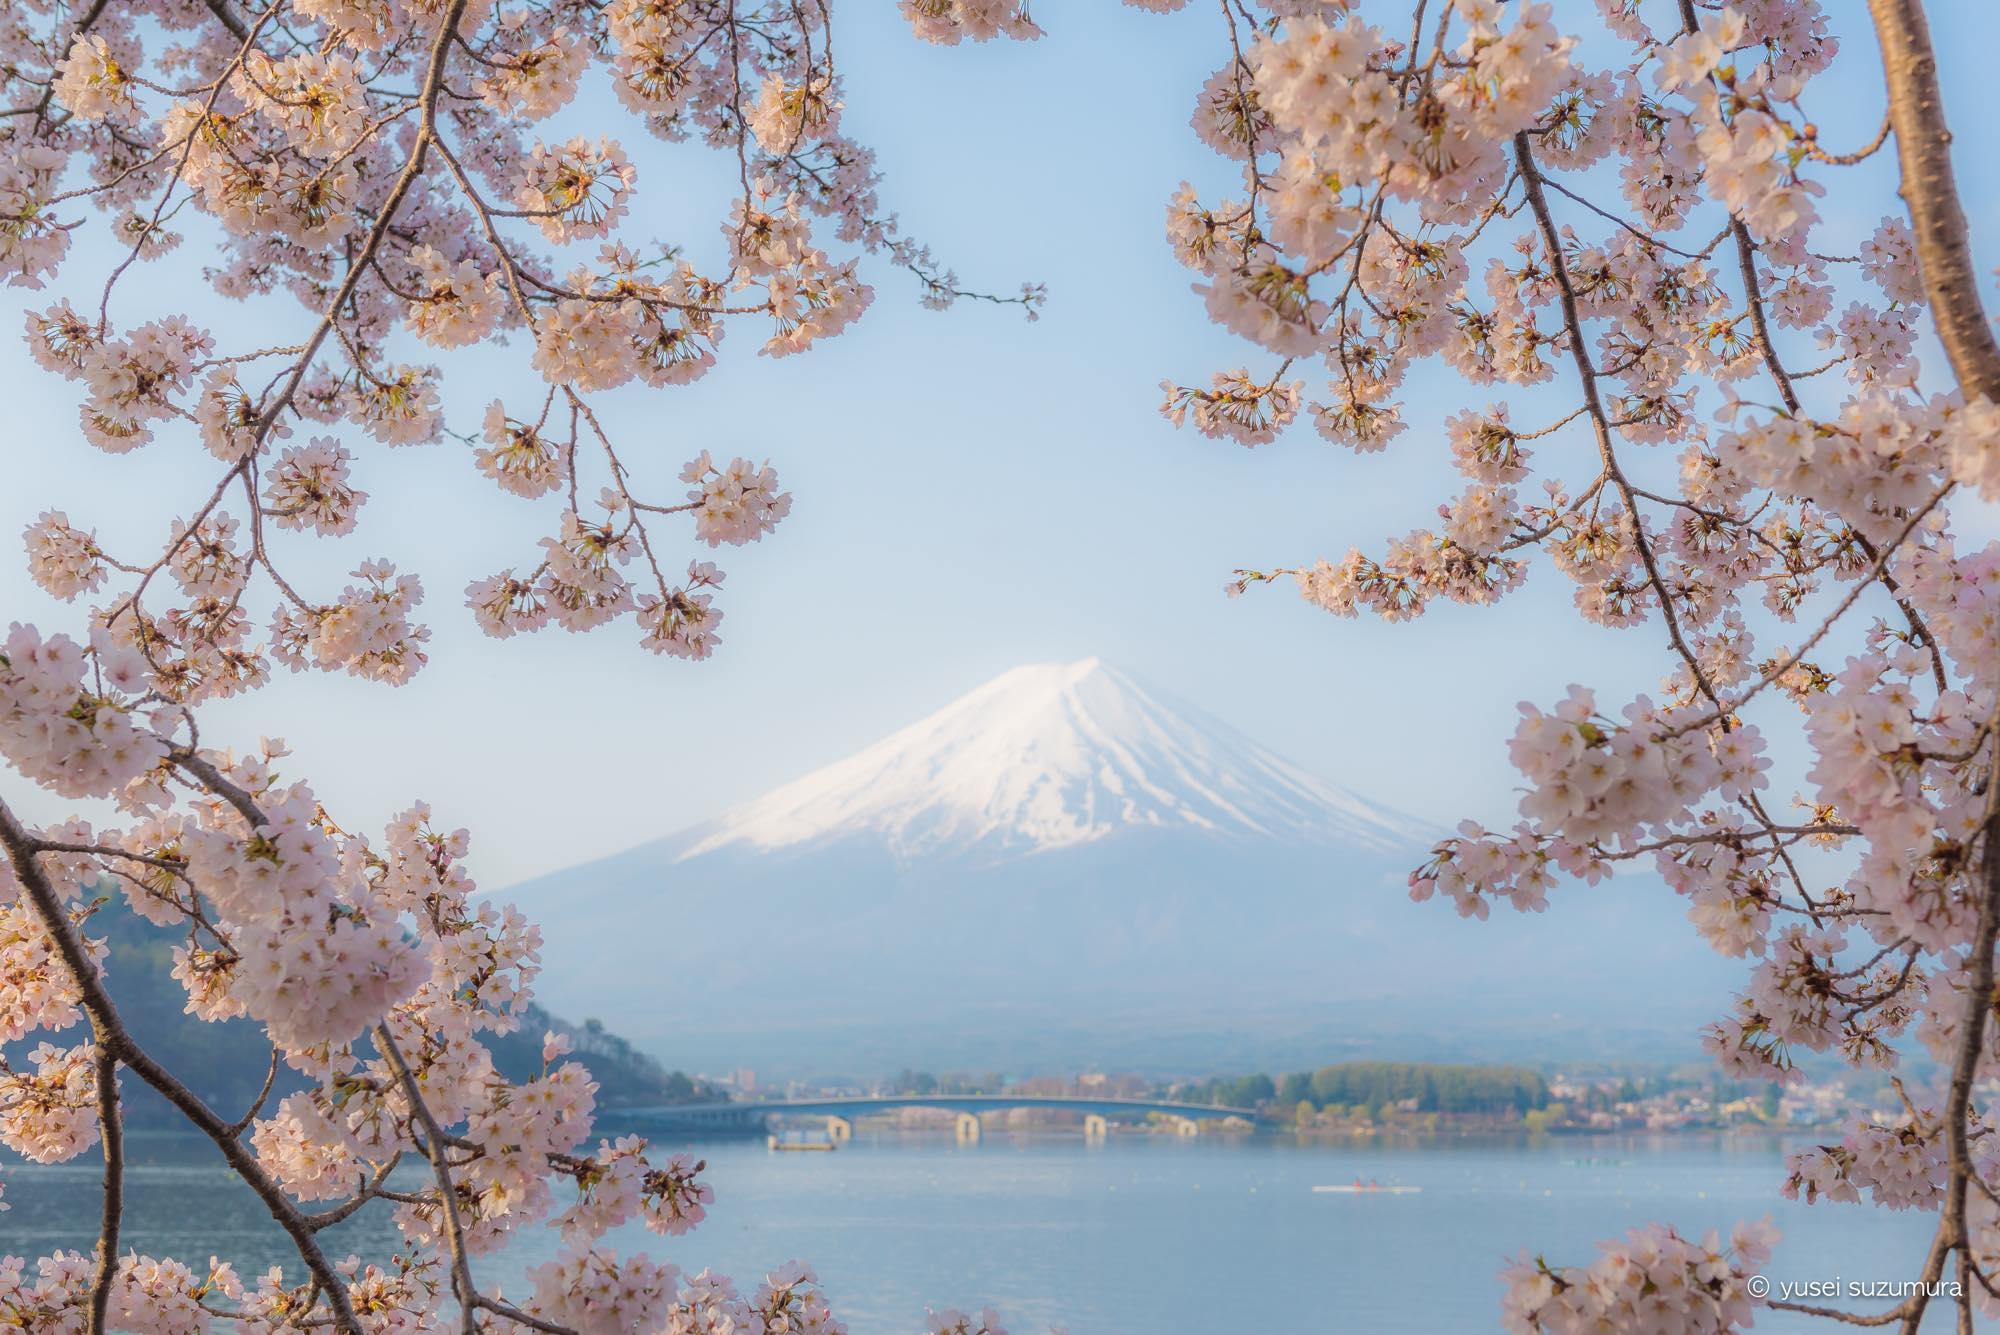 ここは桃源郷ですか?桜の季節の河口湖が美しすぎた。